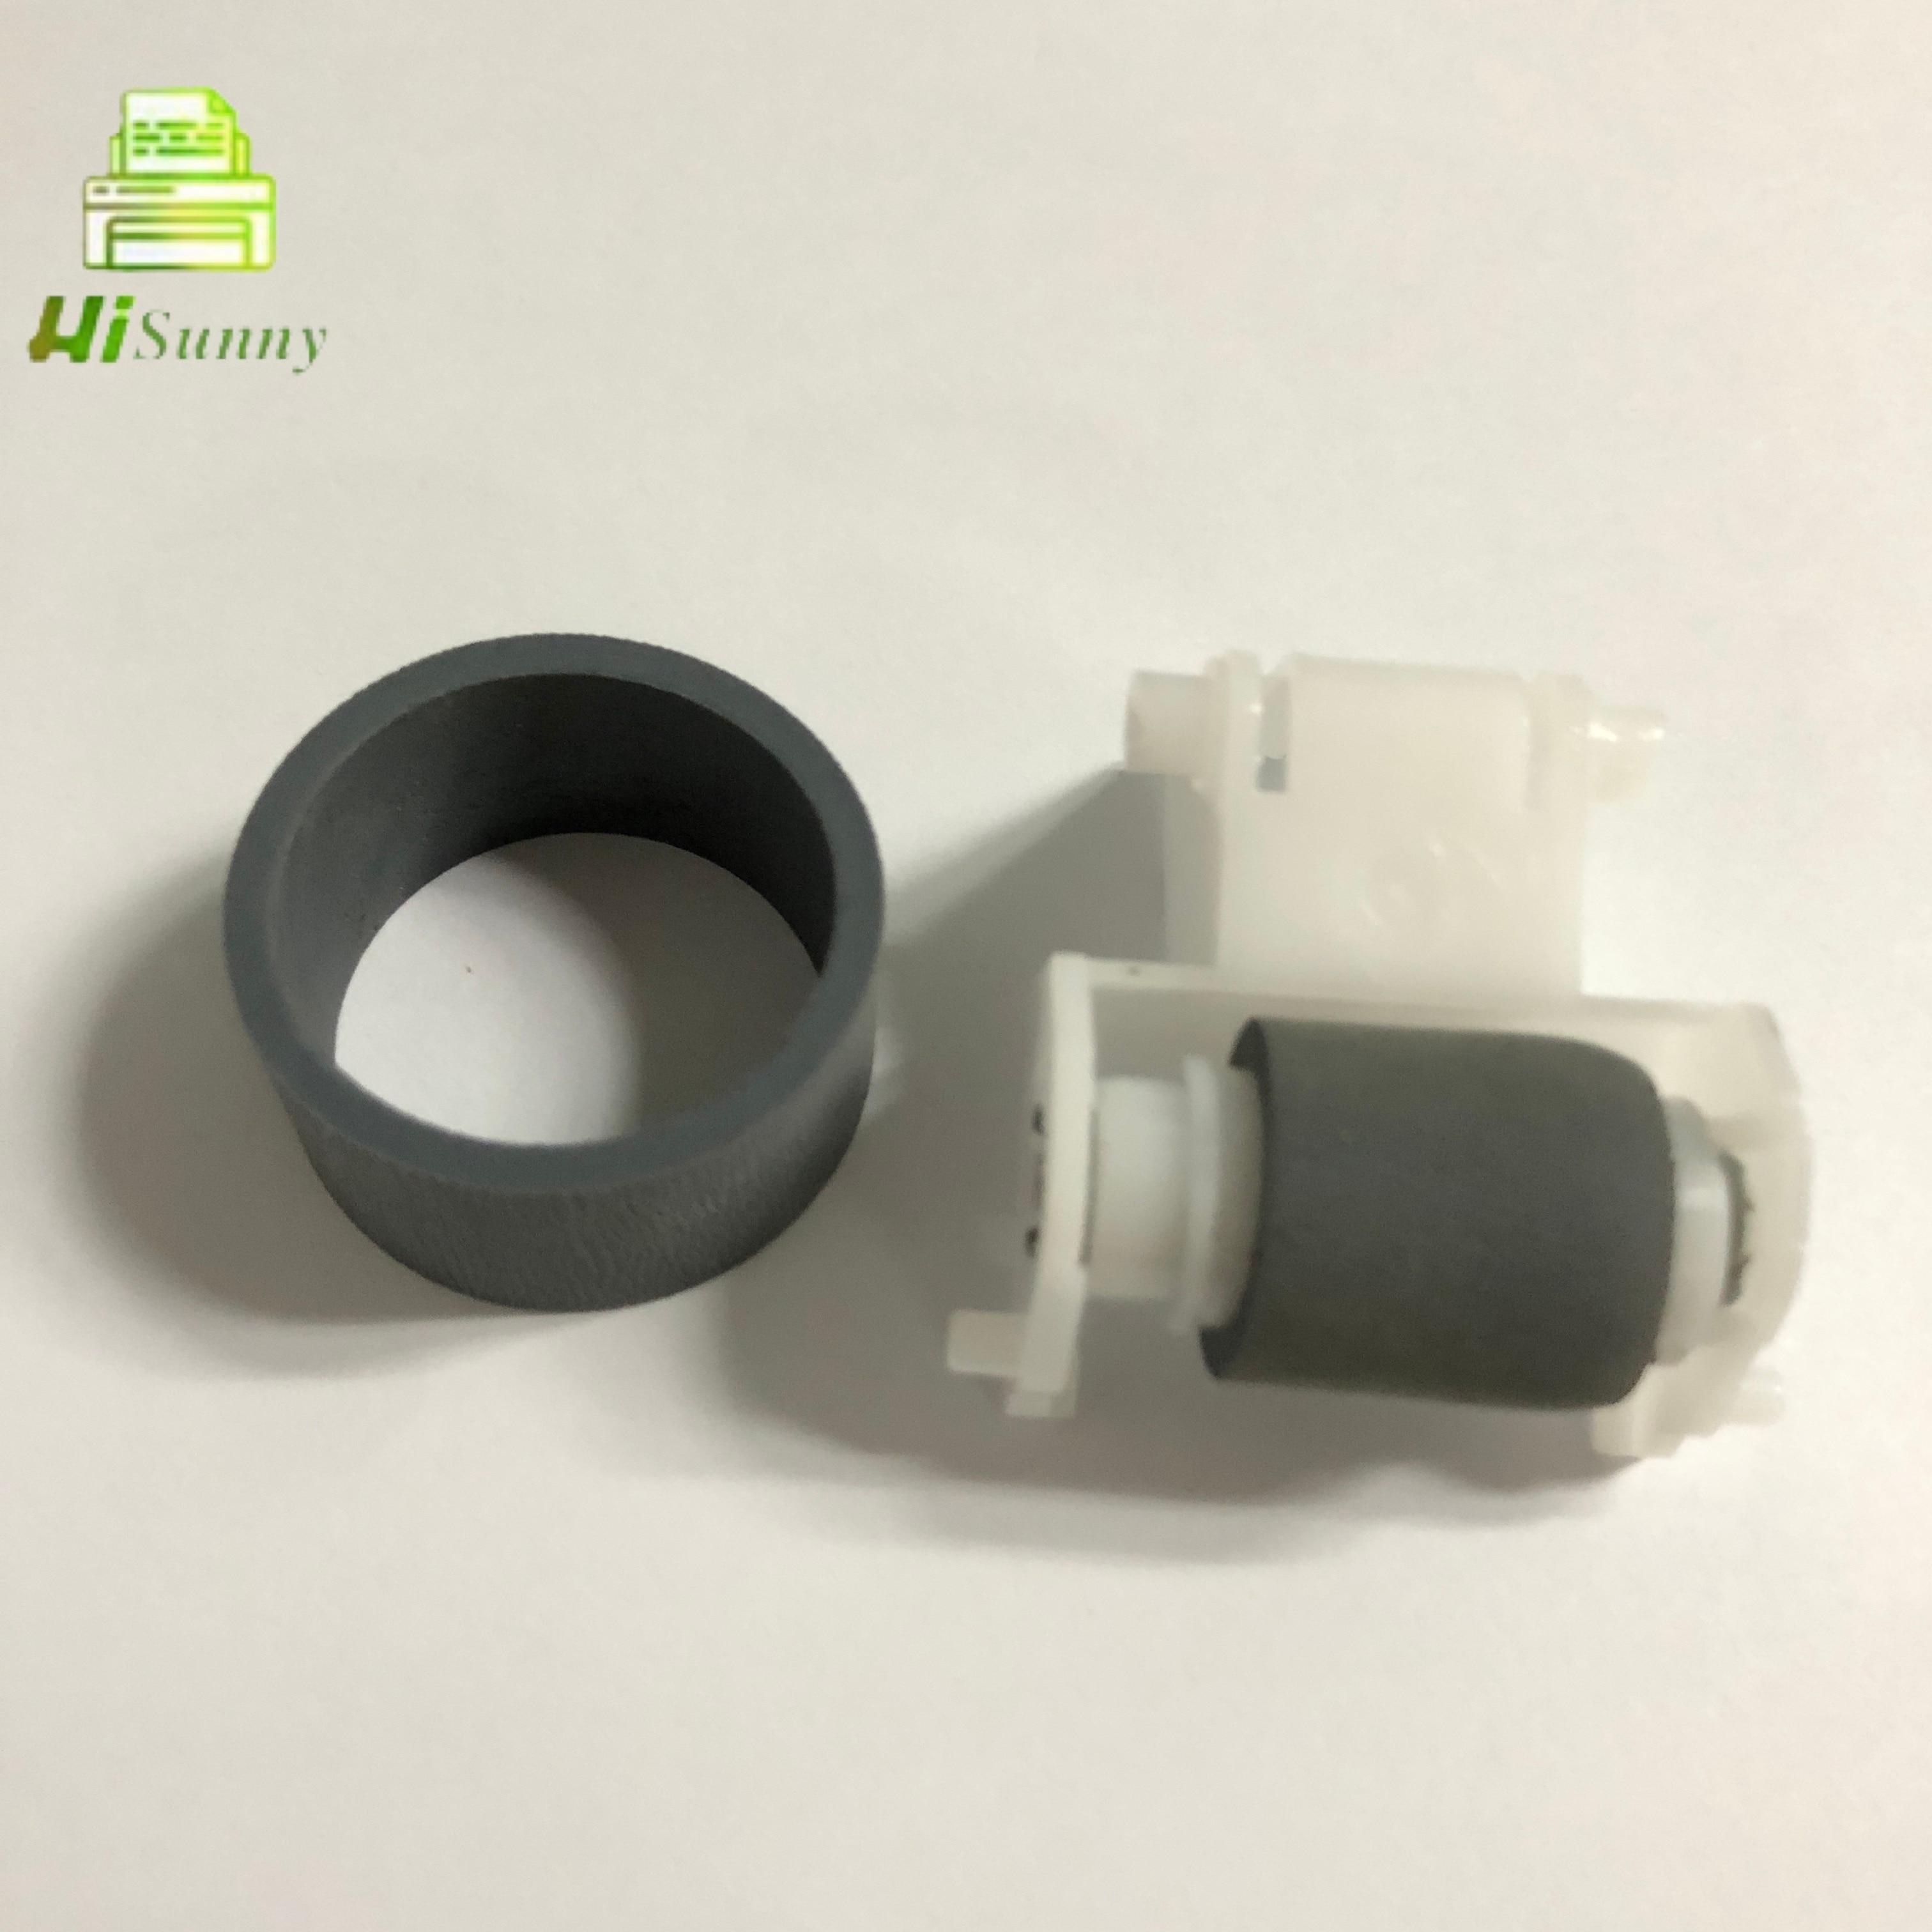 1 Набор Ролик пикапа для Epson R250 R270 R280 R290 R330 R390 T50 A50 RX610 RX590 L801 L800 L805 P50 бумажный Разделительный валик подачи